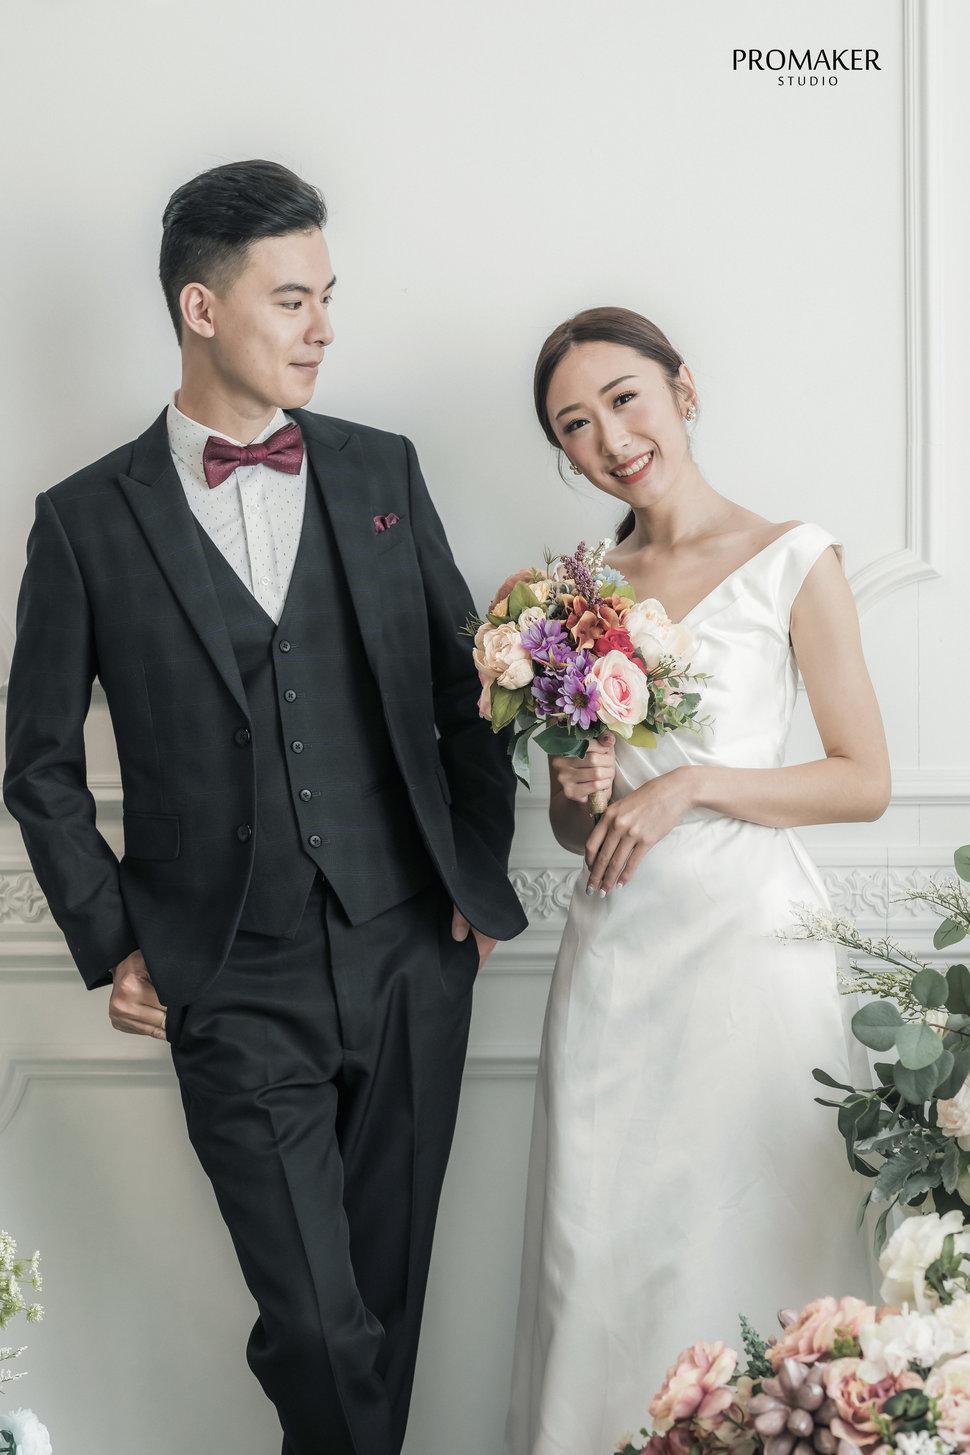 P01_0271 - Promaker婚禮紀錄攝影團隊婚攝豪哥《結婚吧》